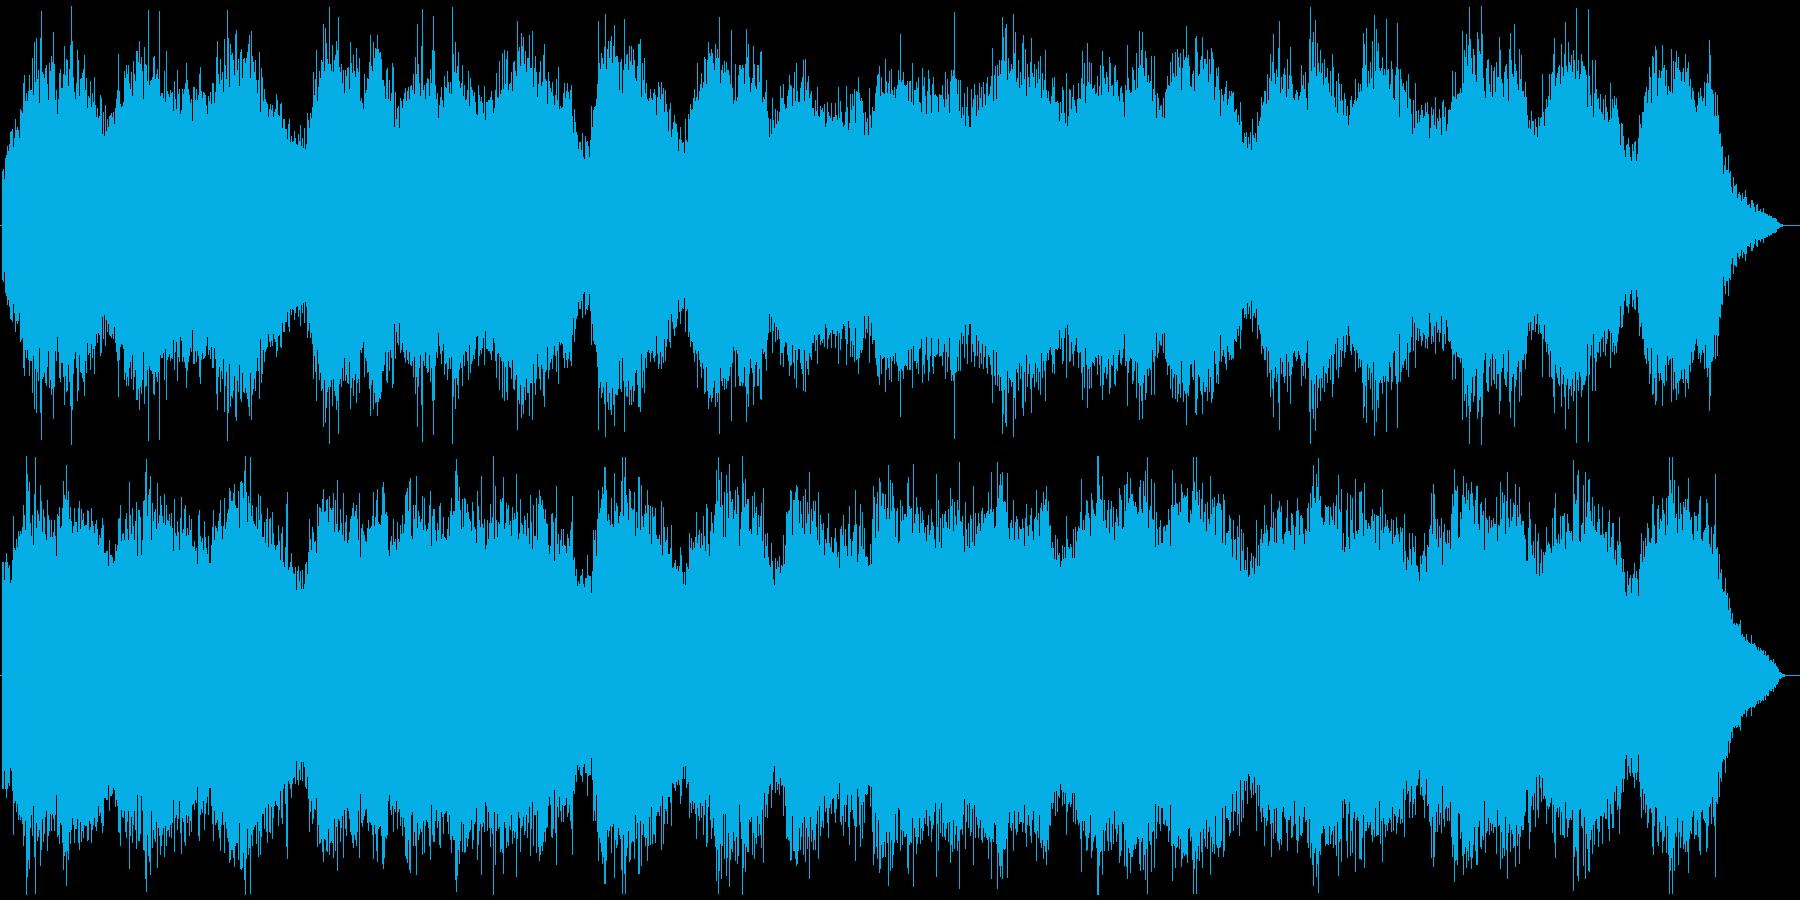 ★地獄や異世界に流れていそうな環境音★の再生済みの波形